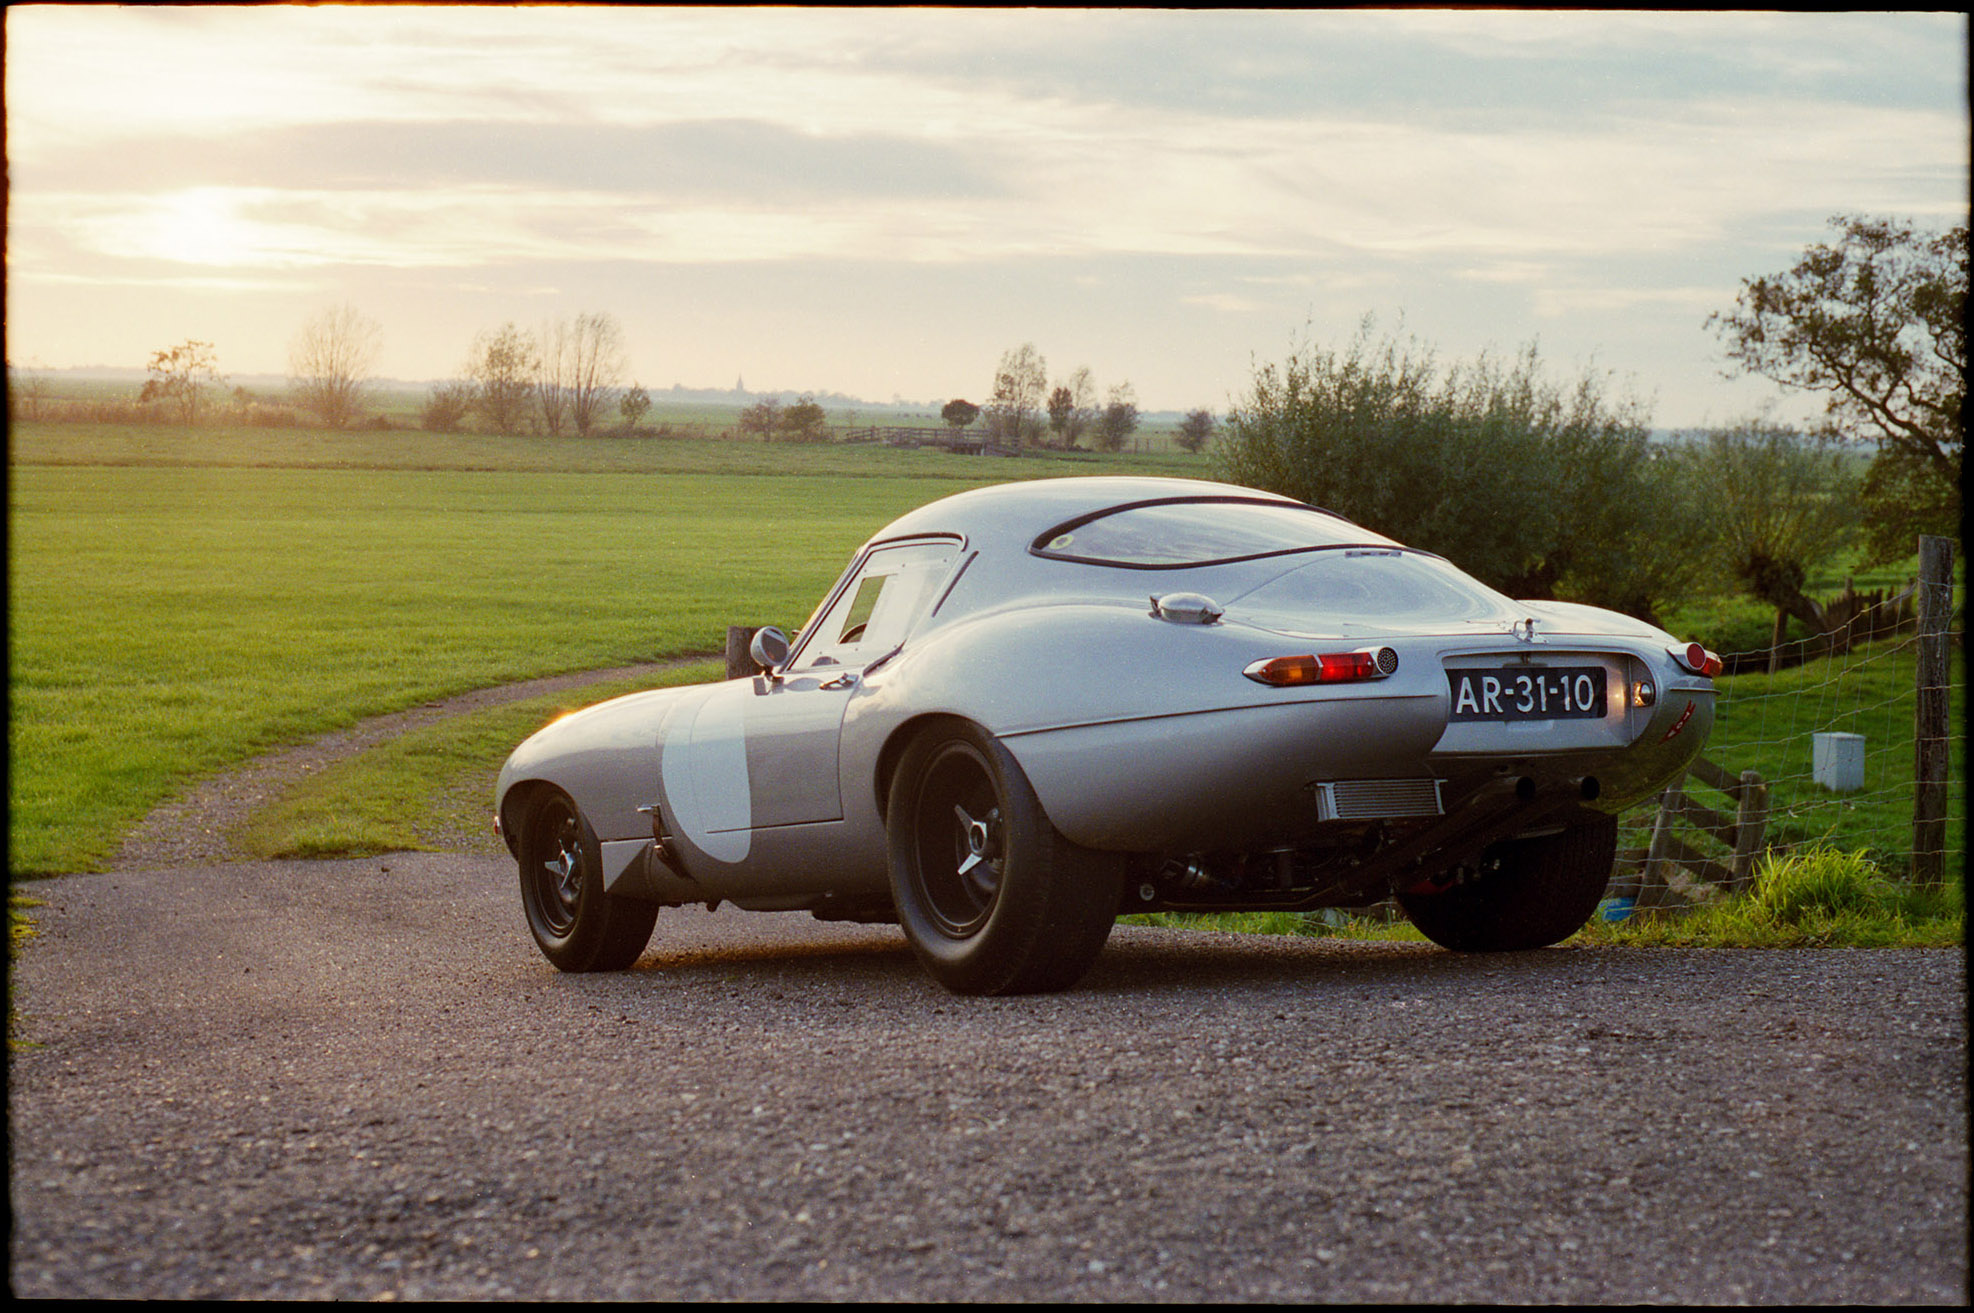 Herbert-car_Bram Schilling